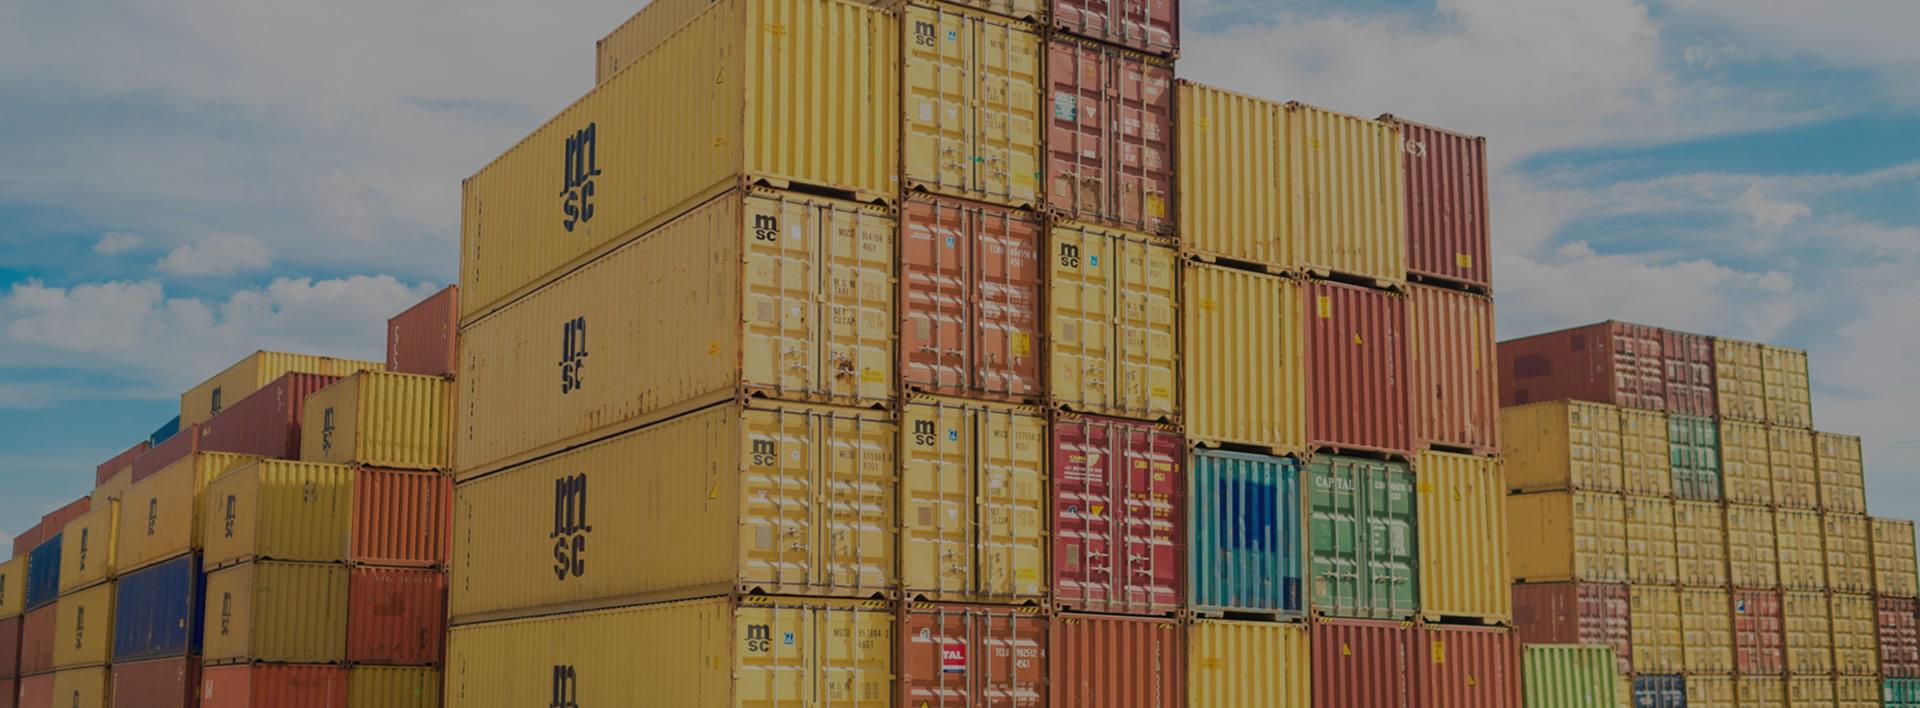 Tramiaustral comercio exterior